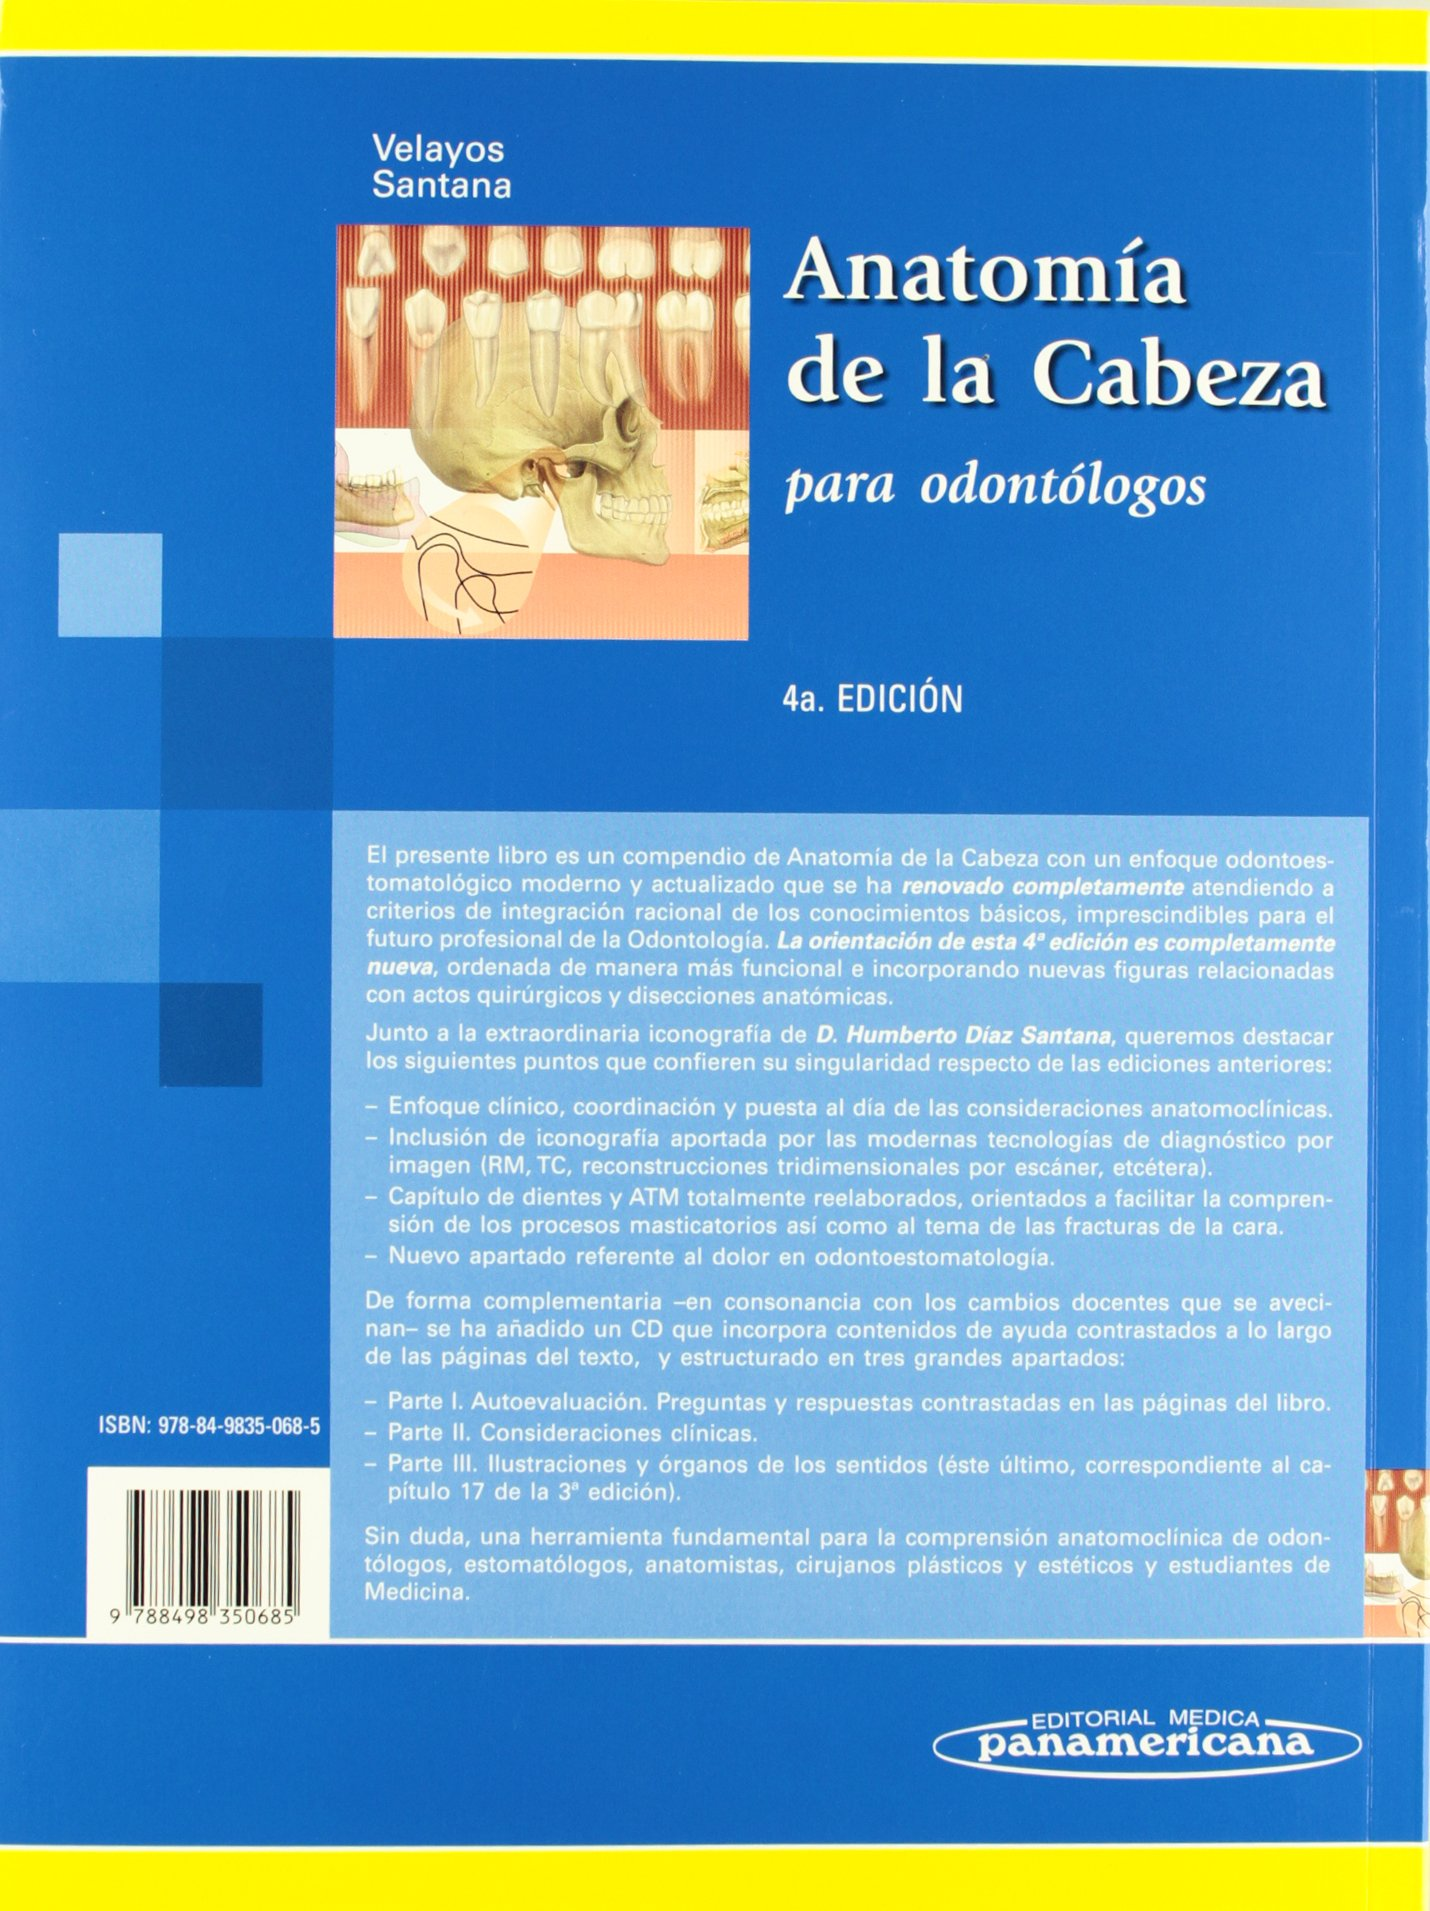 Amazon.fr - Anatomia De Cabeza Y Cuello - VELAYOS-SANTANA - Livres